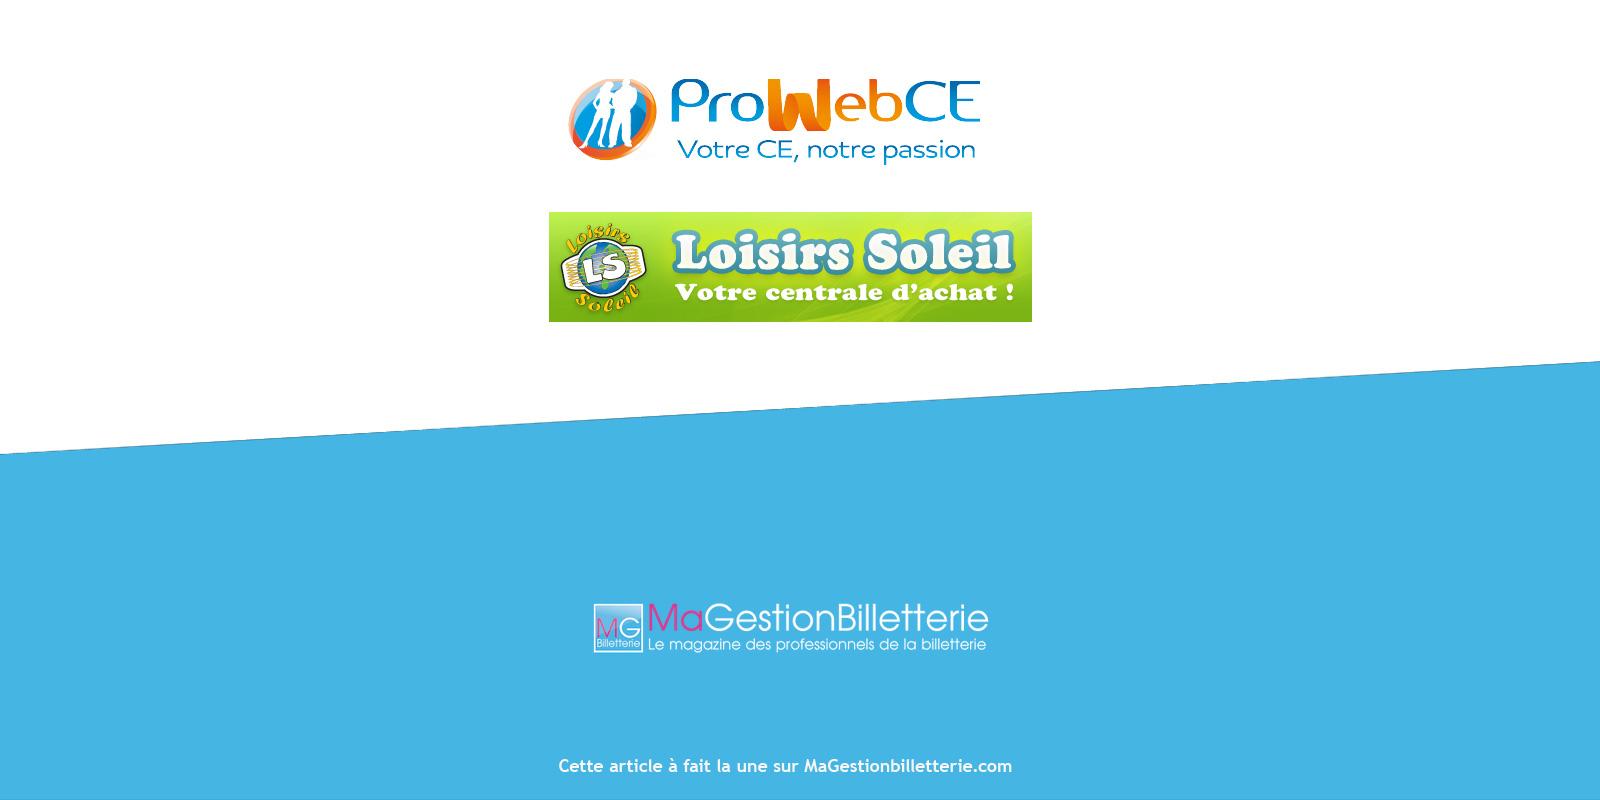 prowebce-loisirs-soleil-une2